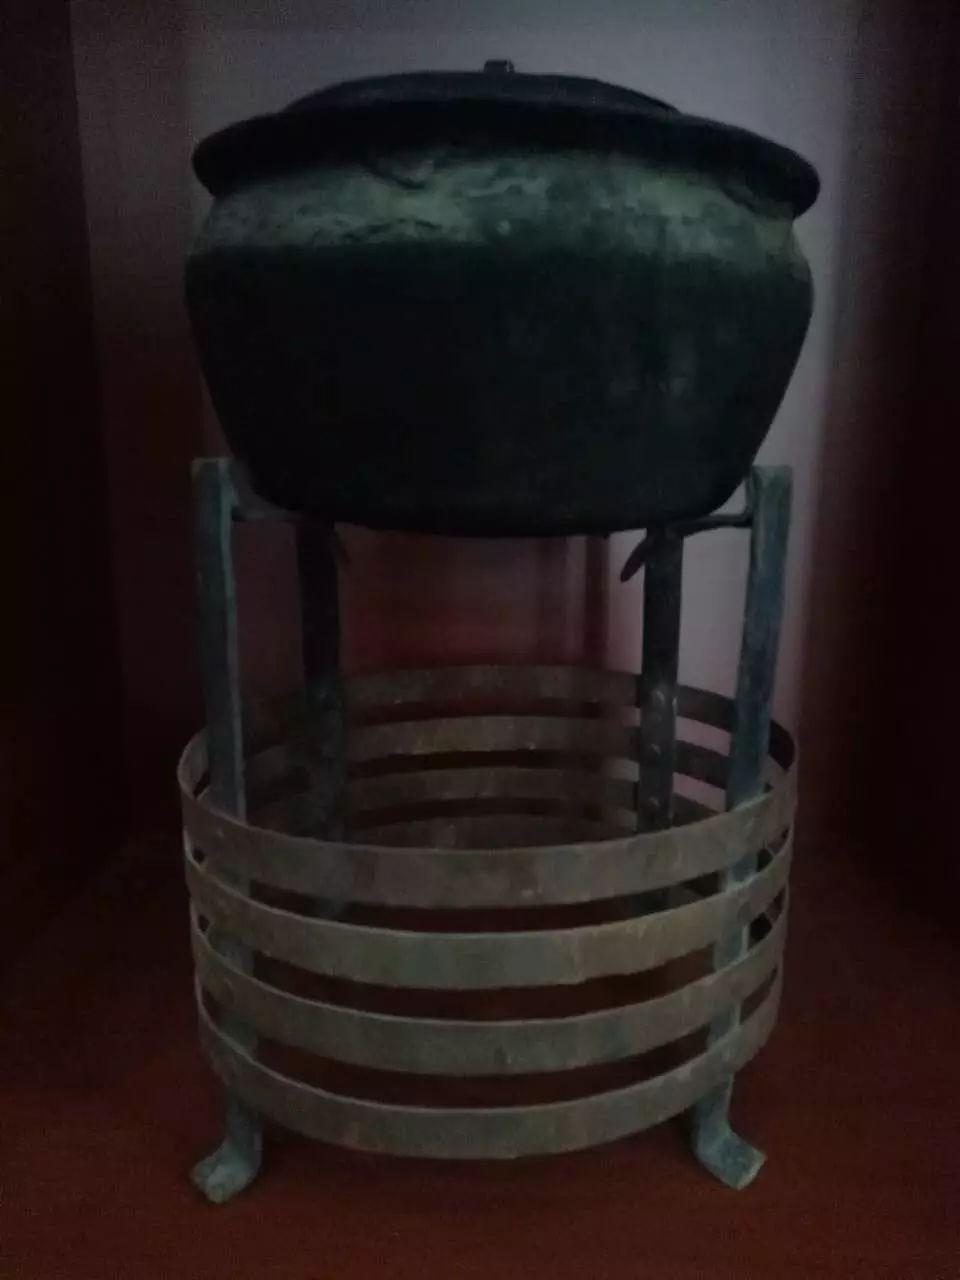 蒙古族青年宝尔金创办民俗文化展厅,看看都收藏了哪些物件? 第12张 蒙古族青年宝尔金创办民俗文化展厅,看看都收藏了哪些物件? 蒙古工艺